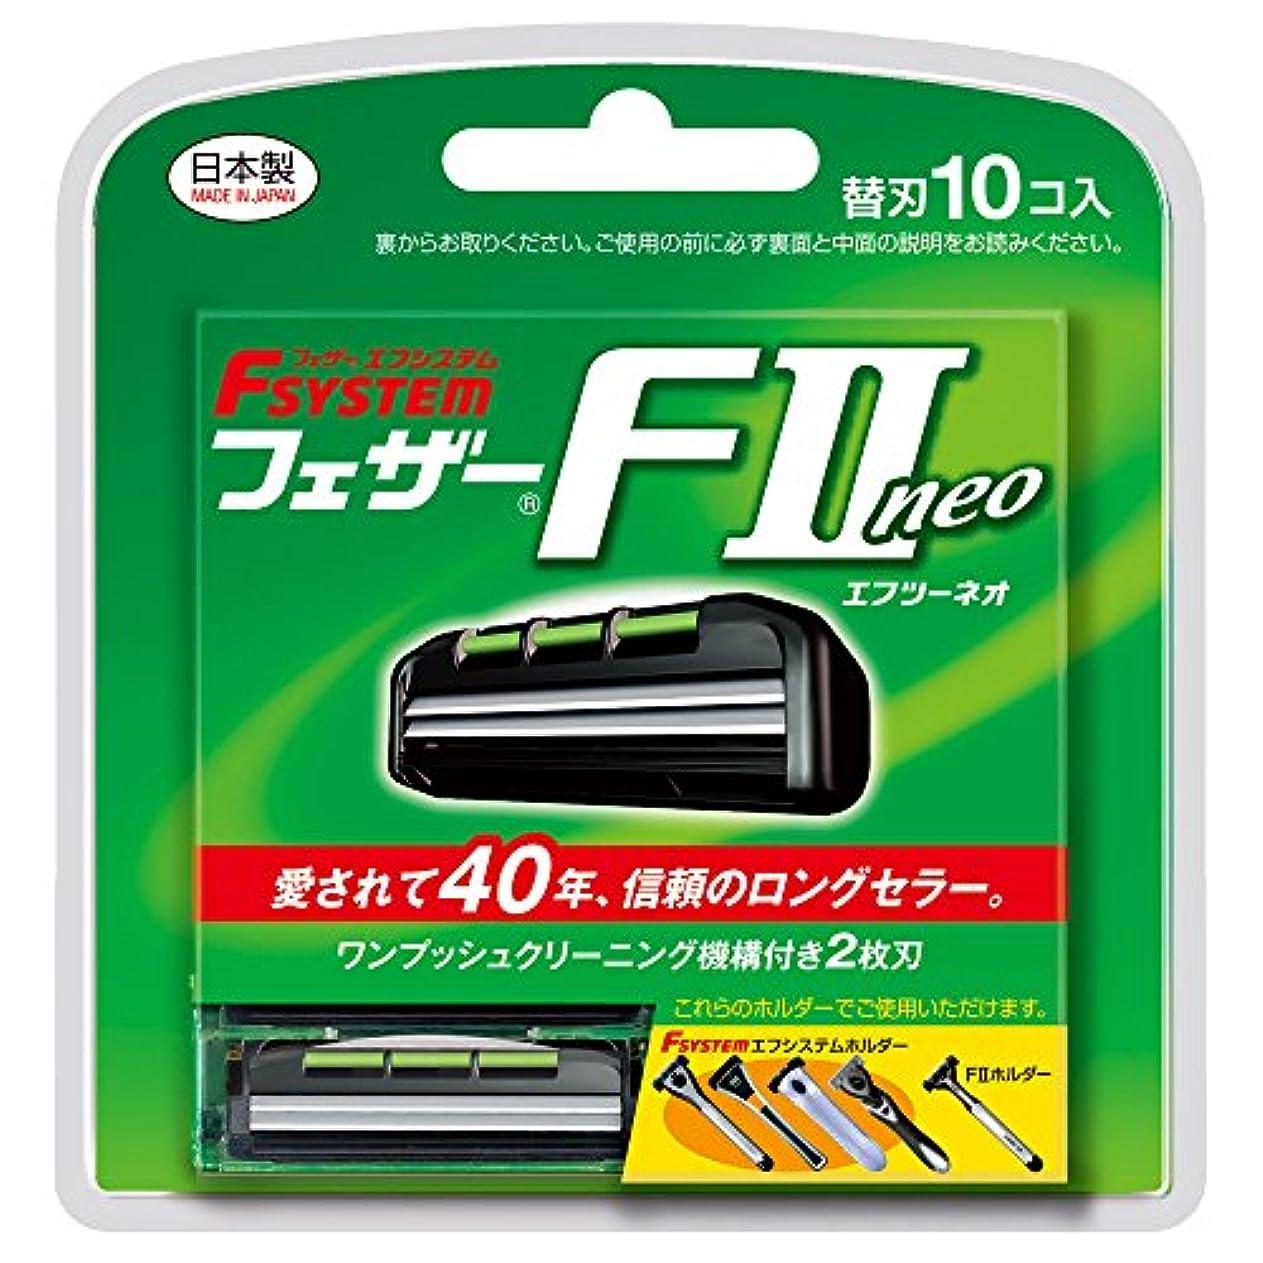 ビーズ勝利したまとめるフェザー エフシステム 替刃 FIIネオ 10コ入